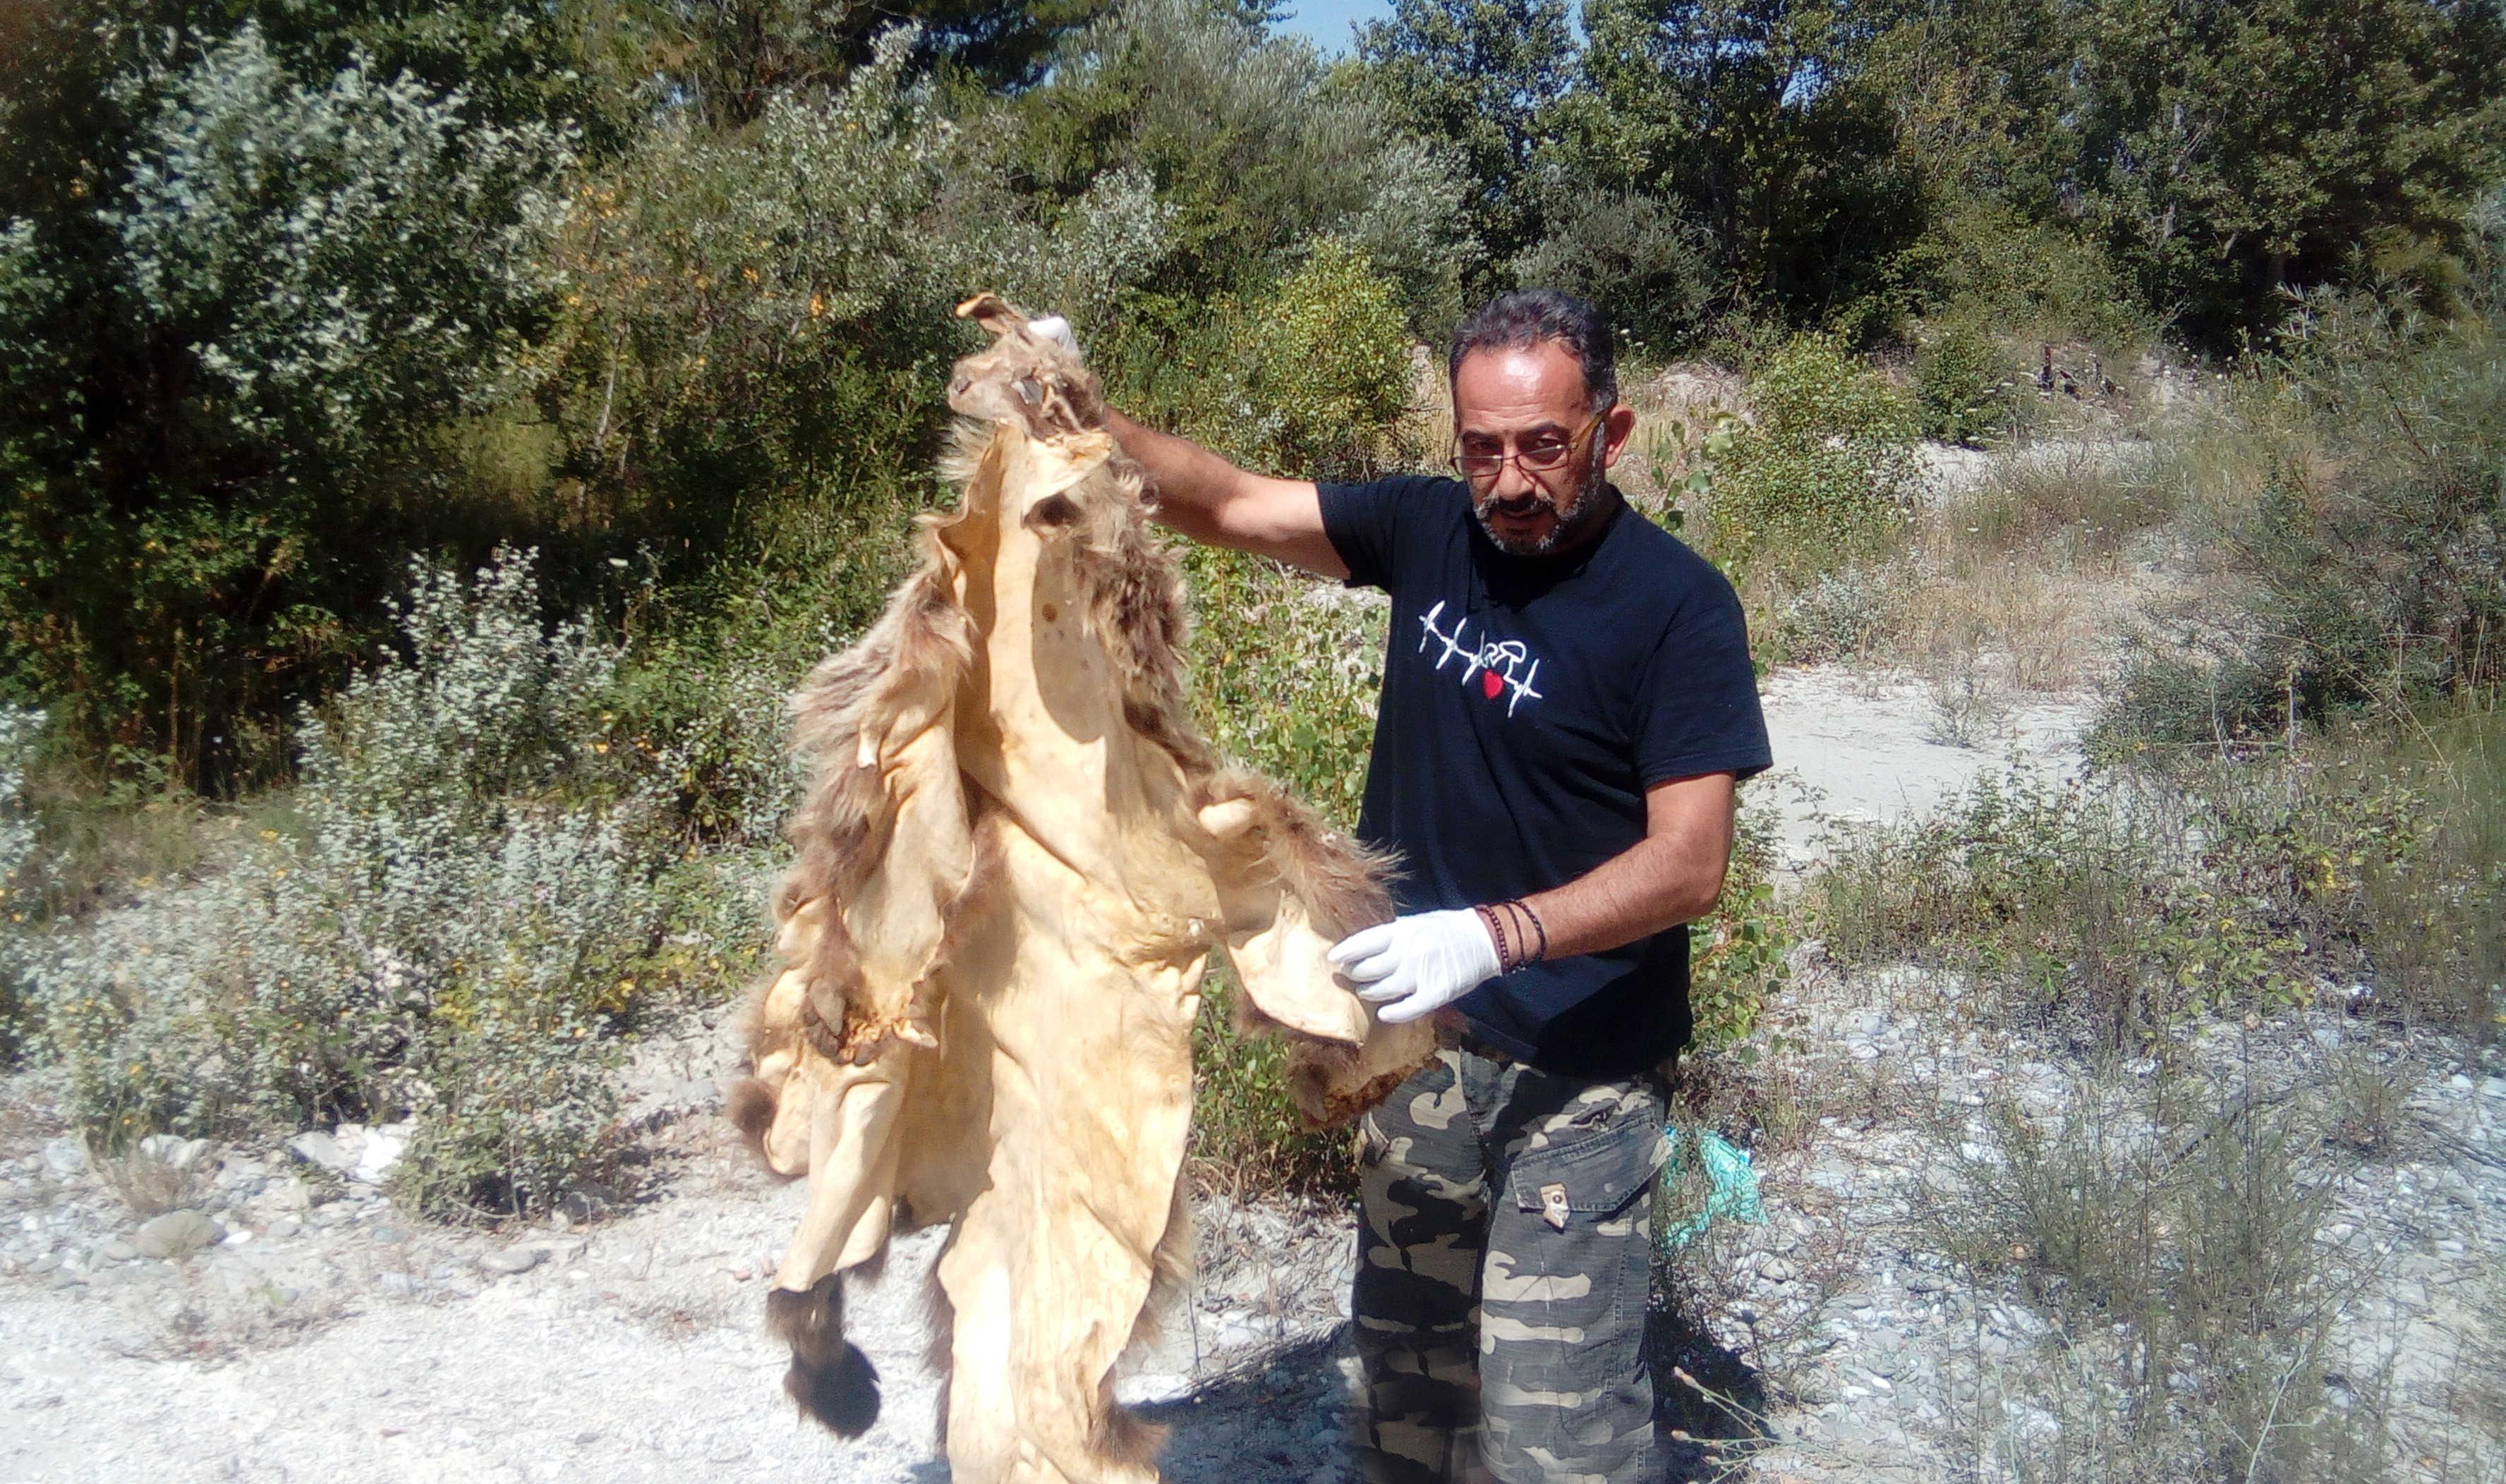 Η Ομάδα Άμεσης Επέμβασης του ΑΡΚΤΟΥΡΟΥ βρήκε κατεργασμένο δέρμα αρκούδας | ΑΡΚΤΟΥΡΟΣ